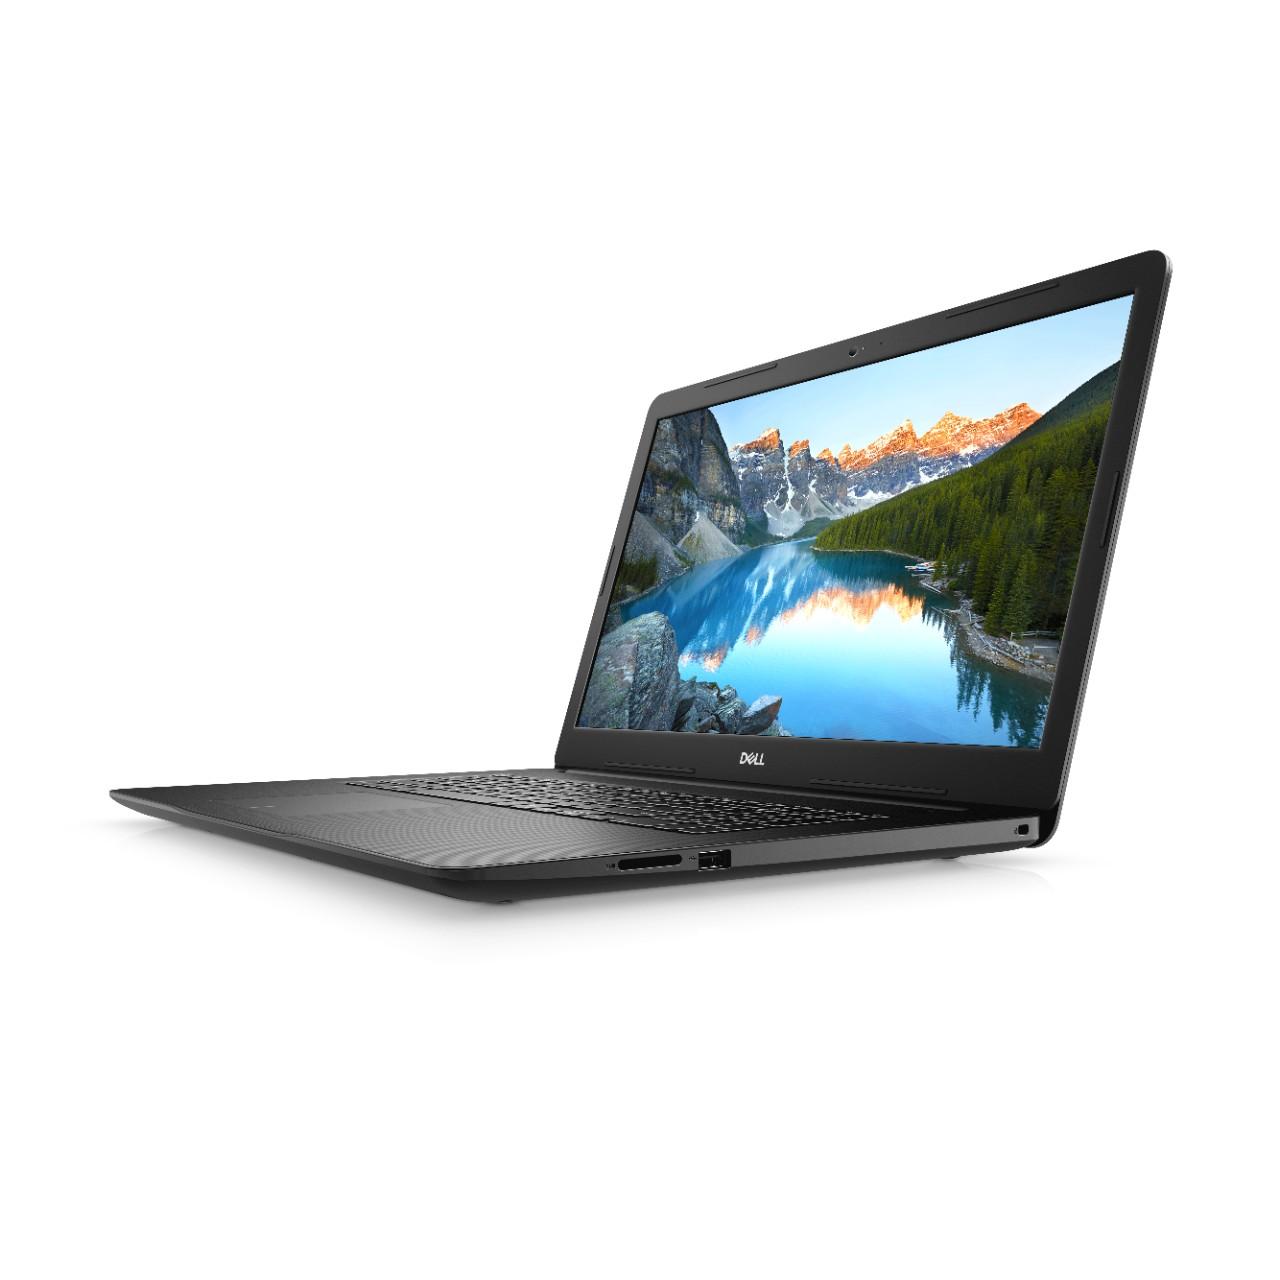 """Laptop 17.3"""" DELL Inspiron 17 3000 (3793) / Core i3 / 4GB / 1TB / DVDRW / Black"""